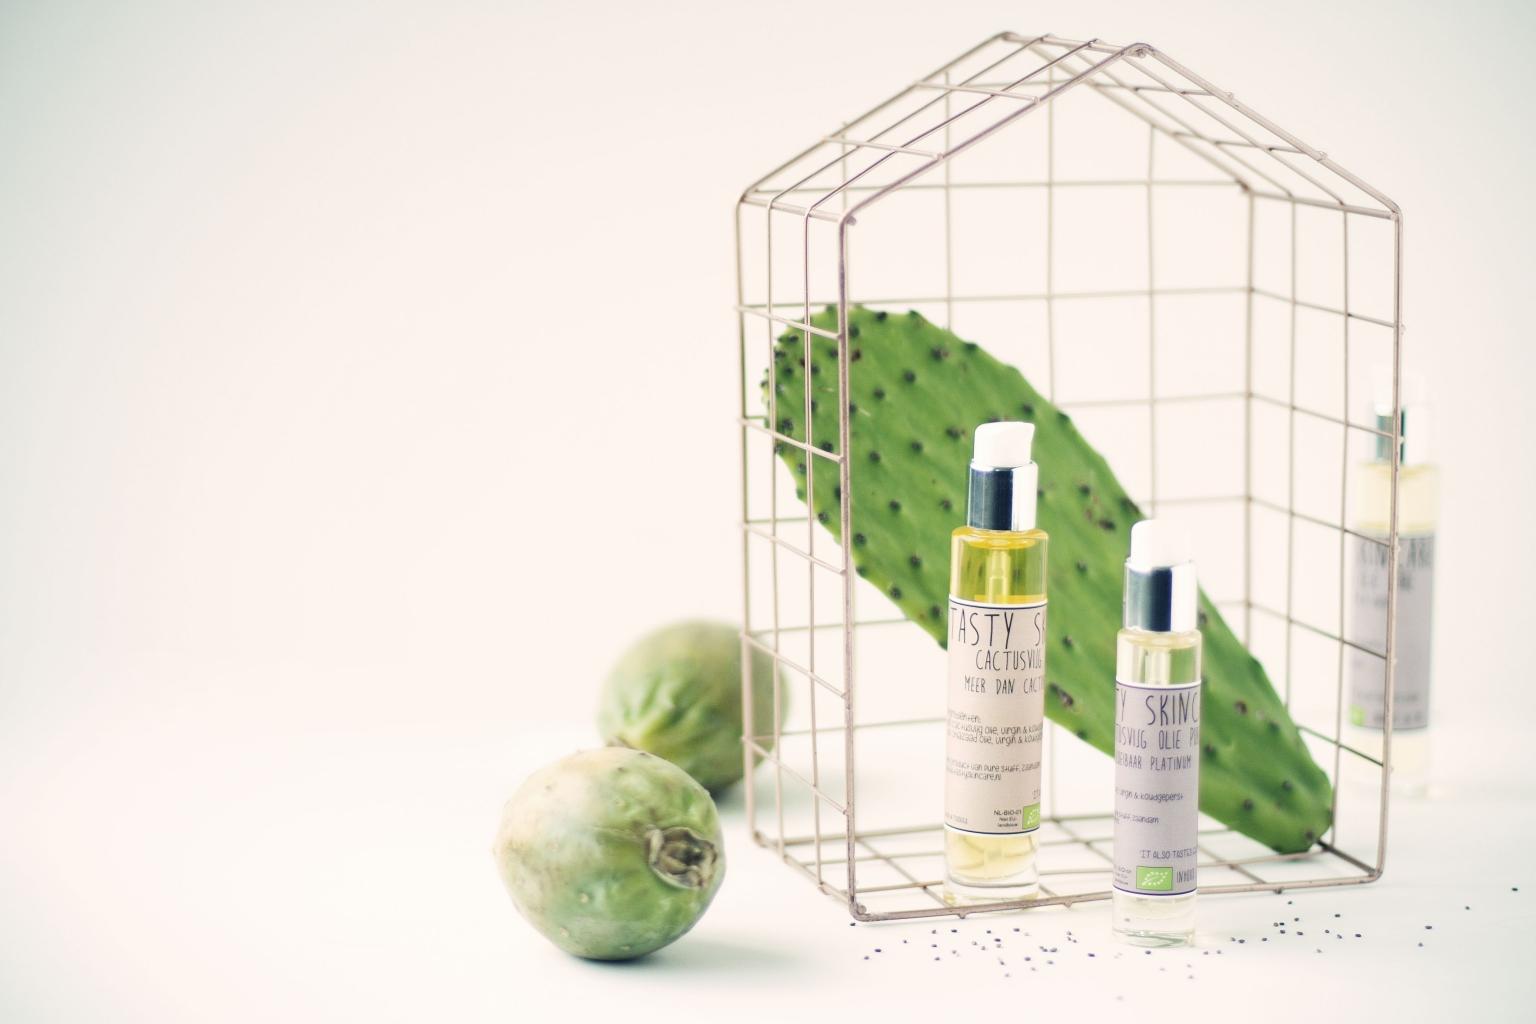 Tasty Skincare cactusvijg olie 2